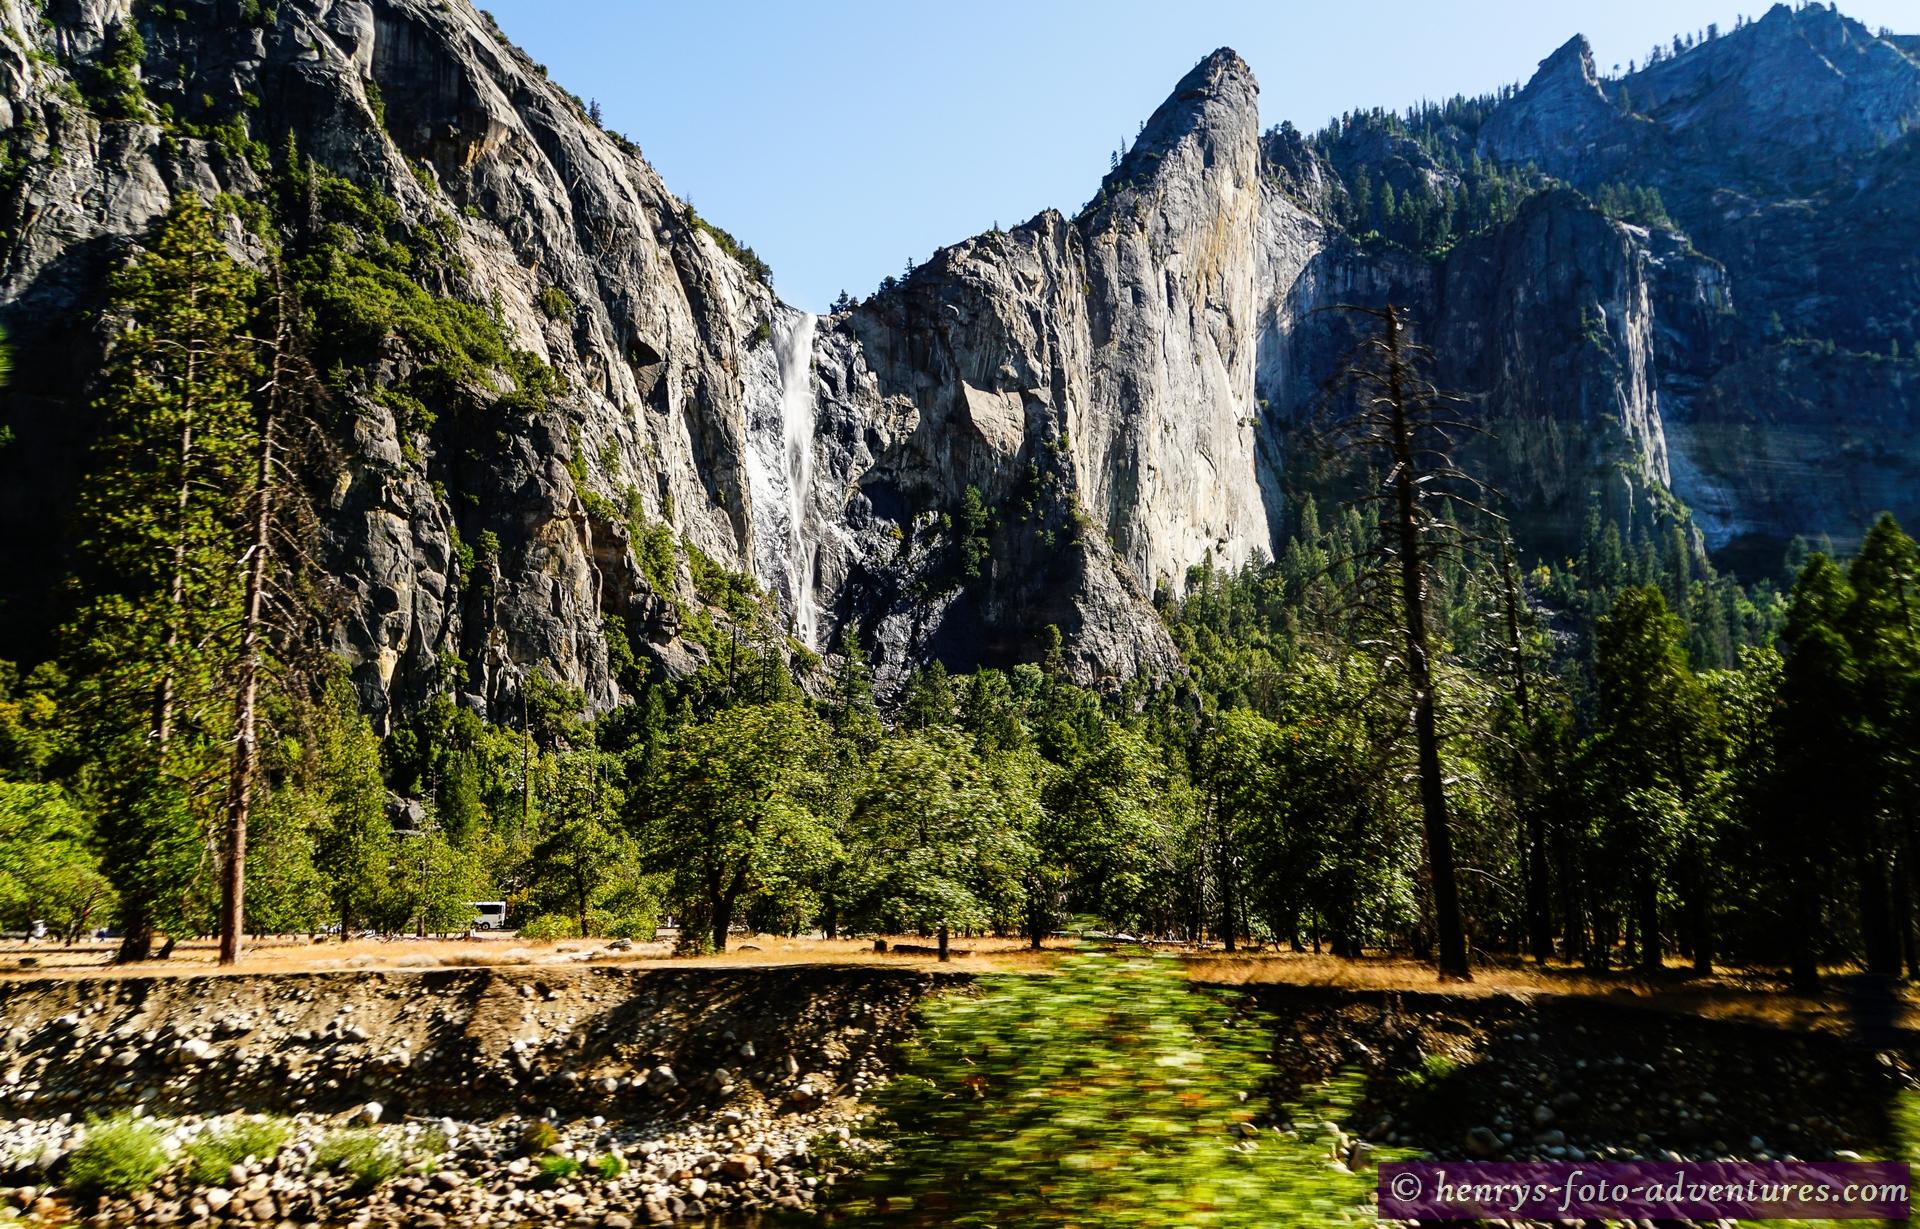 um diese Jahreszeit führen die Wasserfälle wenig Wasser